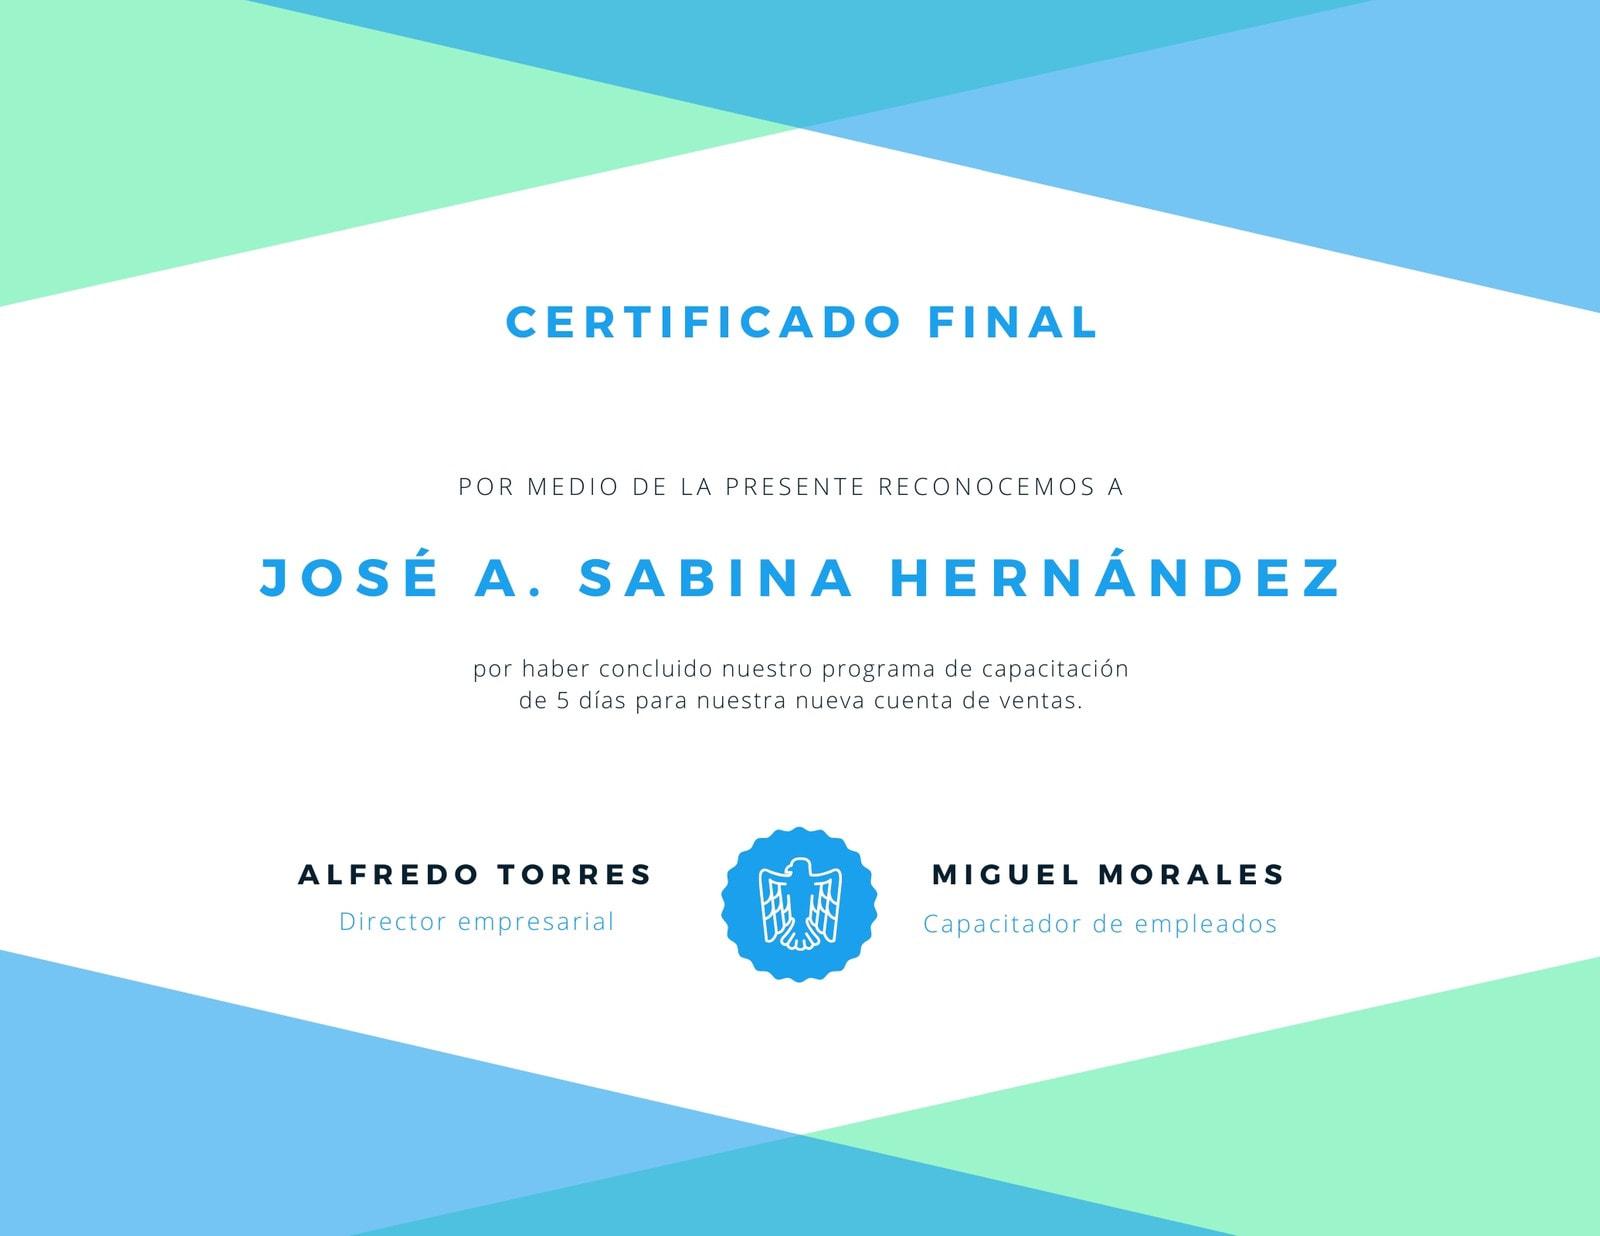 Verde Blanco y Azul Finalización Certificado